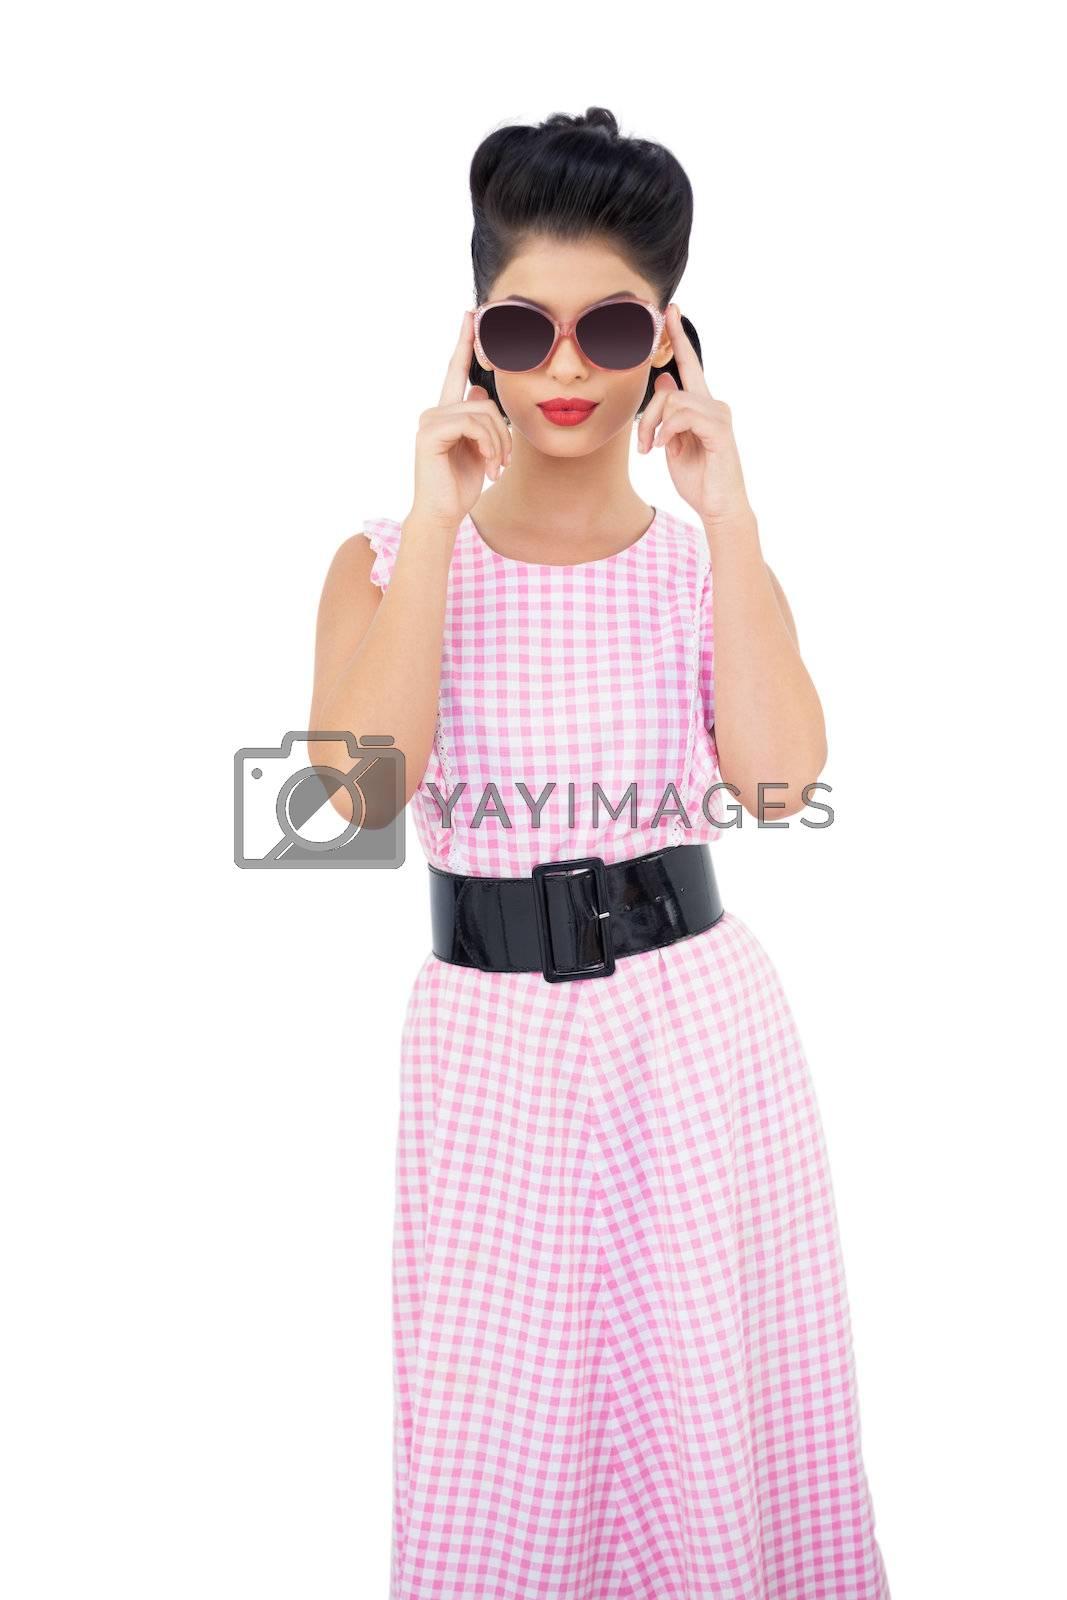 Wondering black hair model wearing sunglasses by Wavebreakmedia